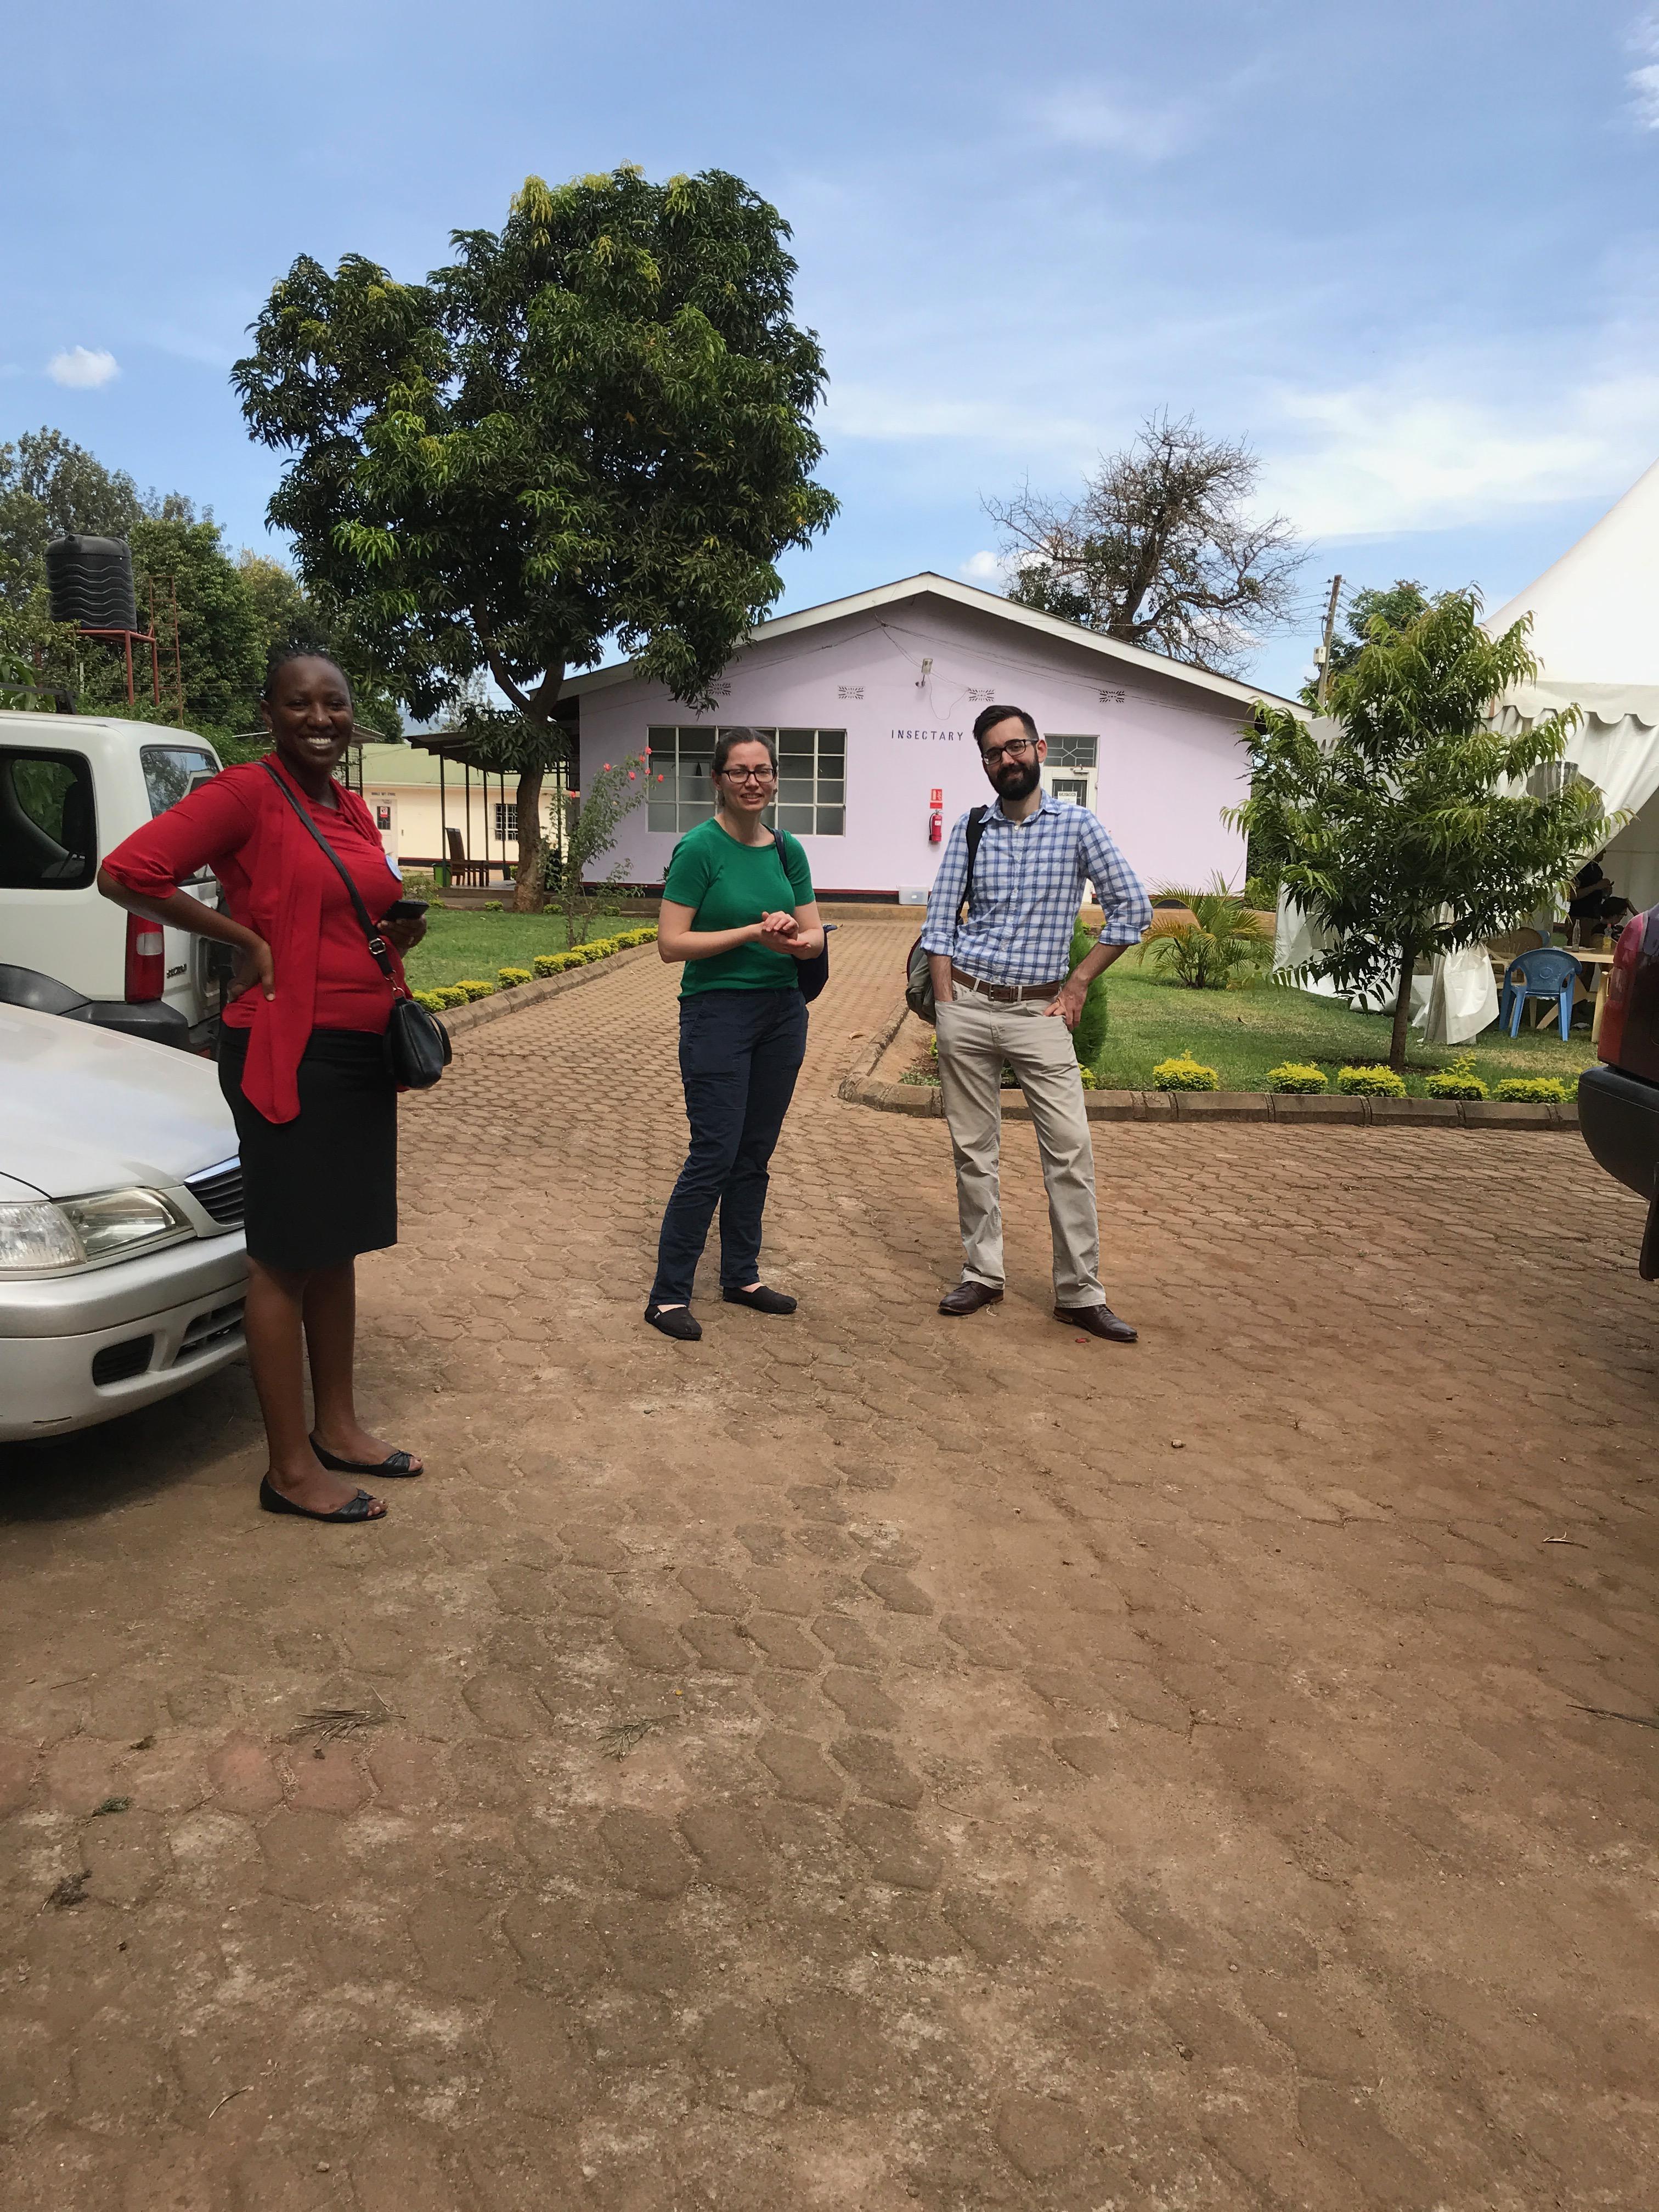 Des étudiant·e·s diplômé·e·s travaillent avec des partenaires de recherche à Moshi, en Tanzanie.